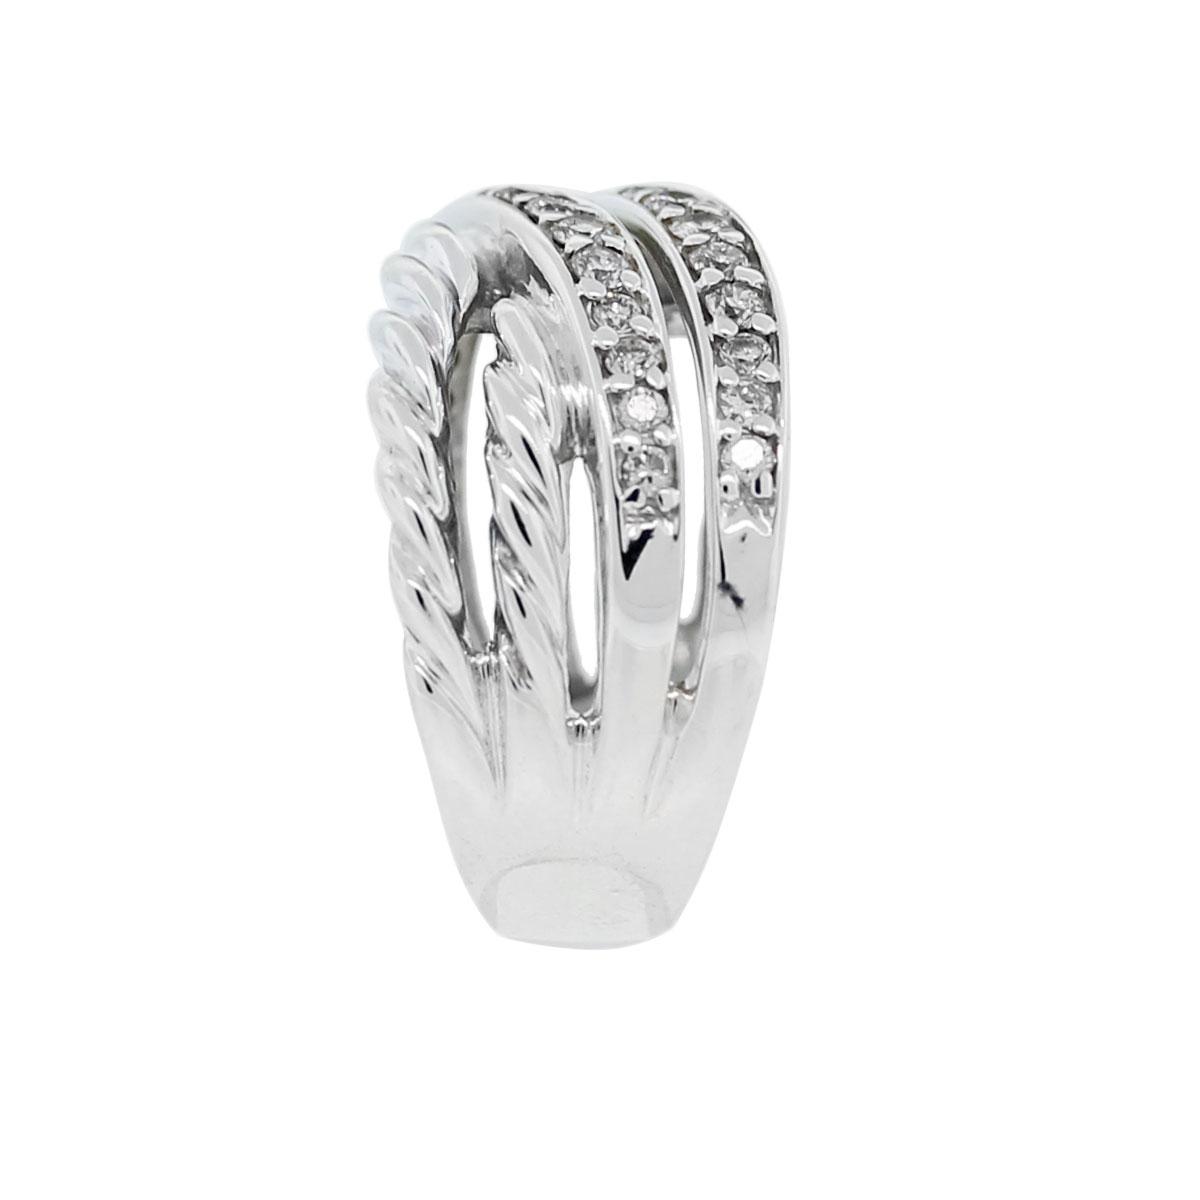 david yurman 53ctw diamond crossover ring david yurman wedding rings David Yurman Ring